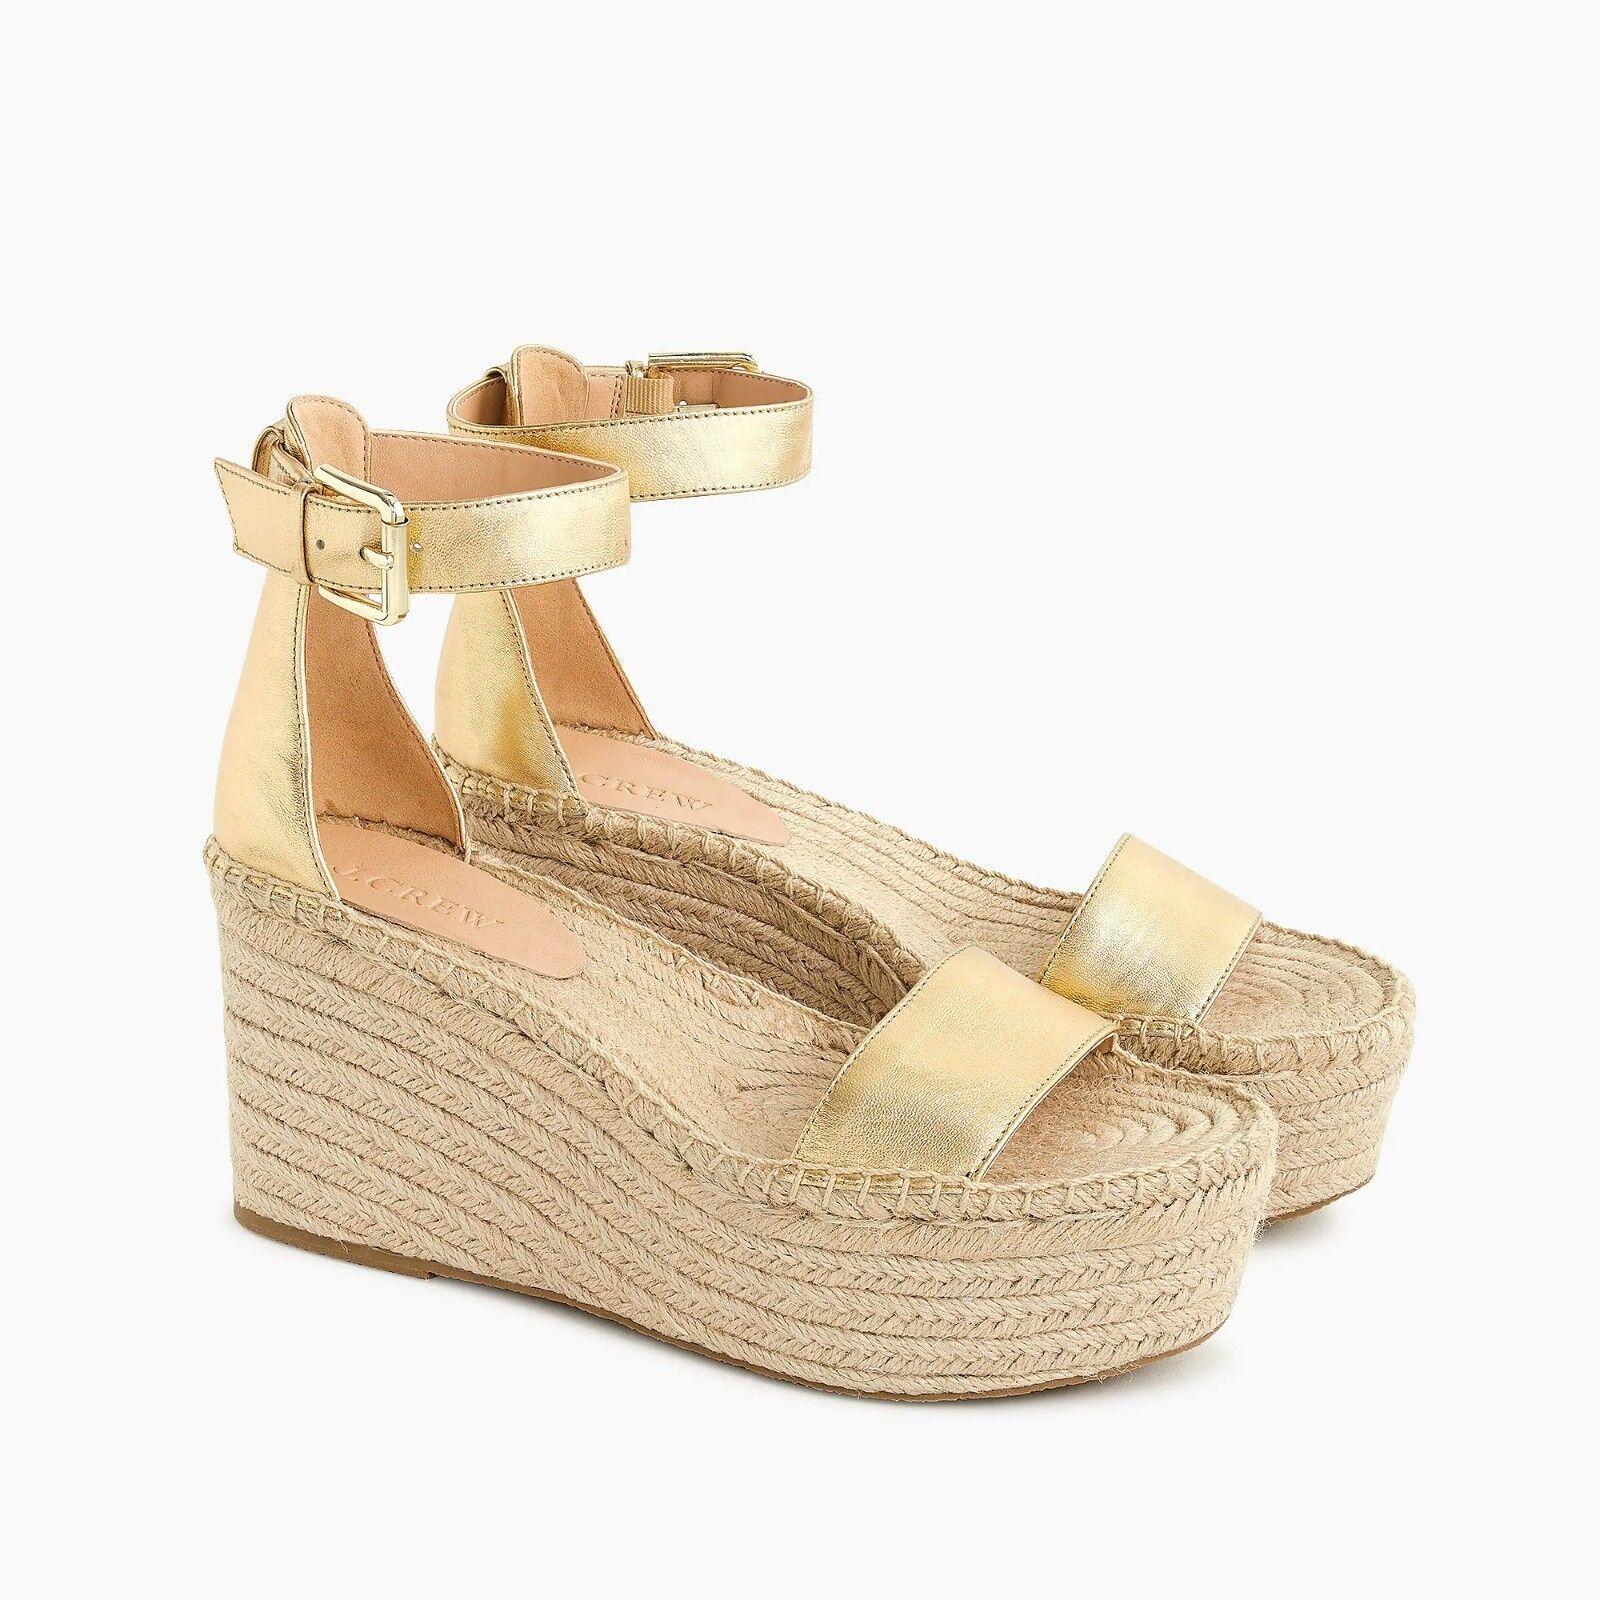 Nuevo con etiquetas J. Crew Para Mujeres Plataforma Zapato Sandalia De Cuero-oro metálico-Tamaño 8.8